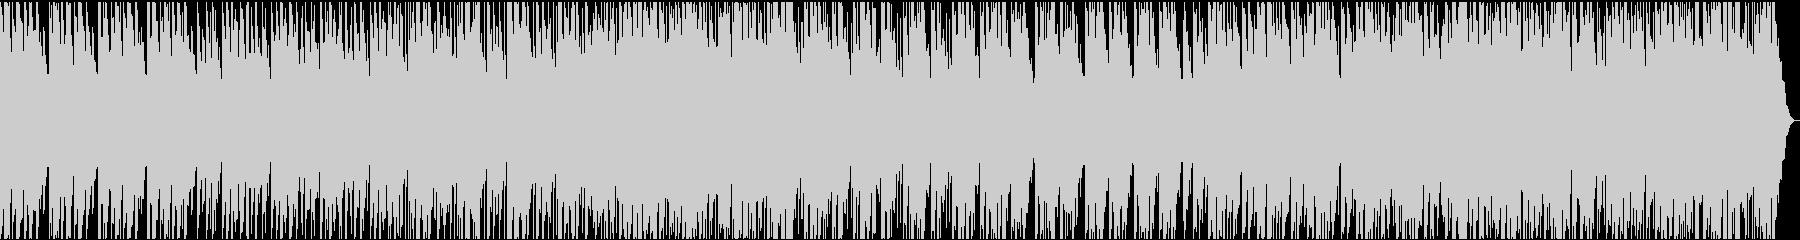 日本打楽器のパーカッション曲の未再生の波形